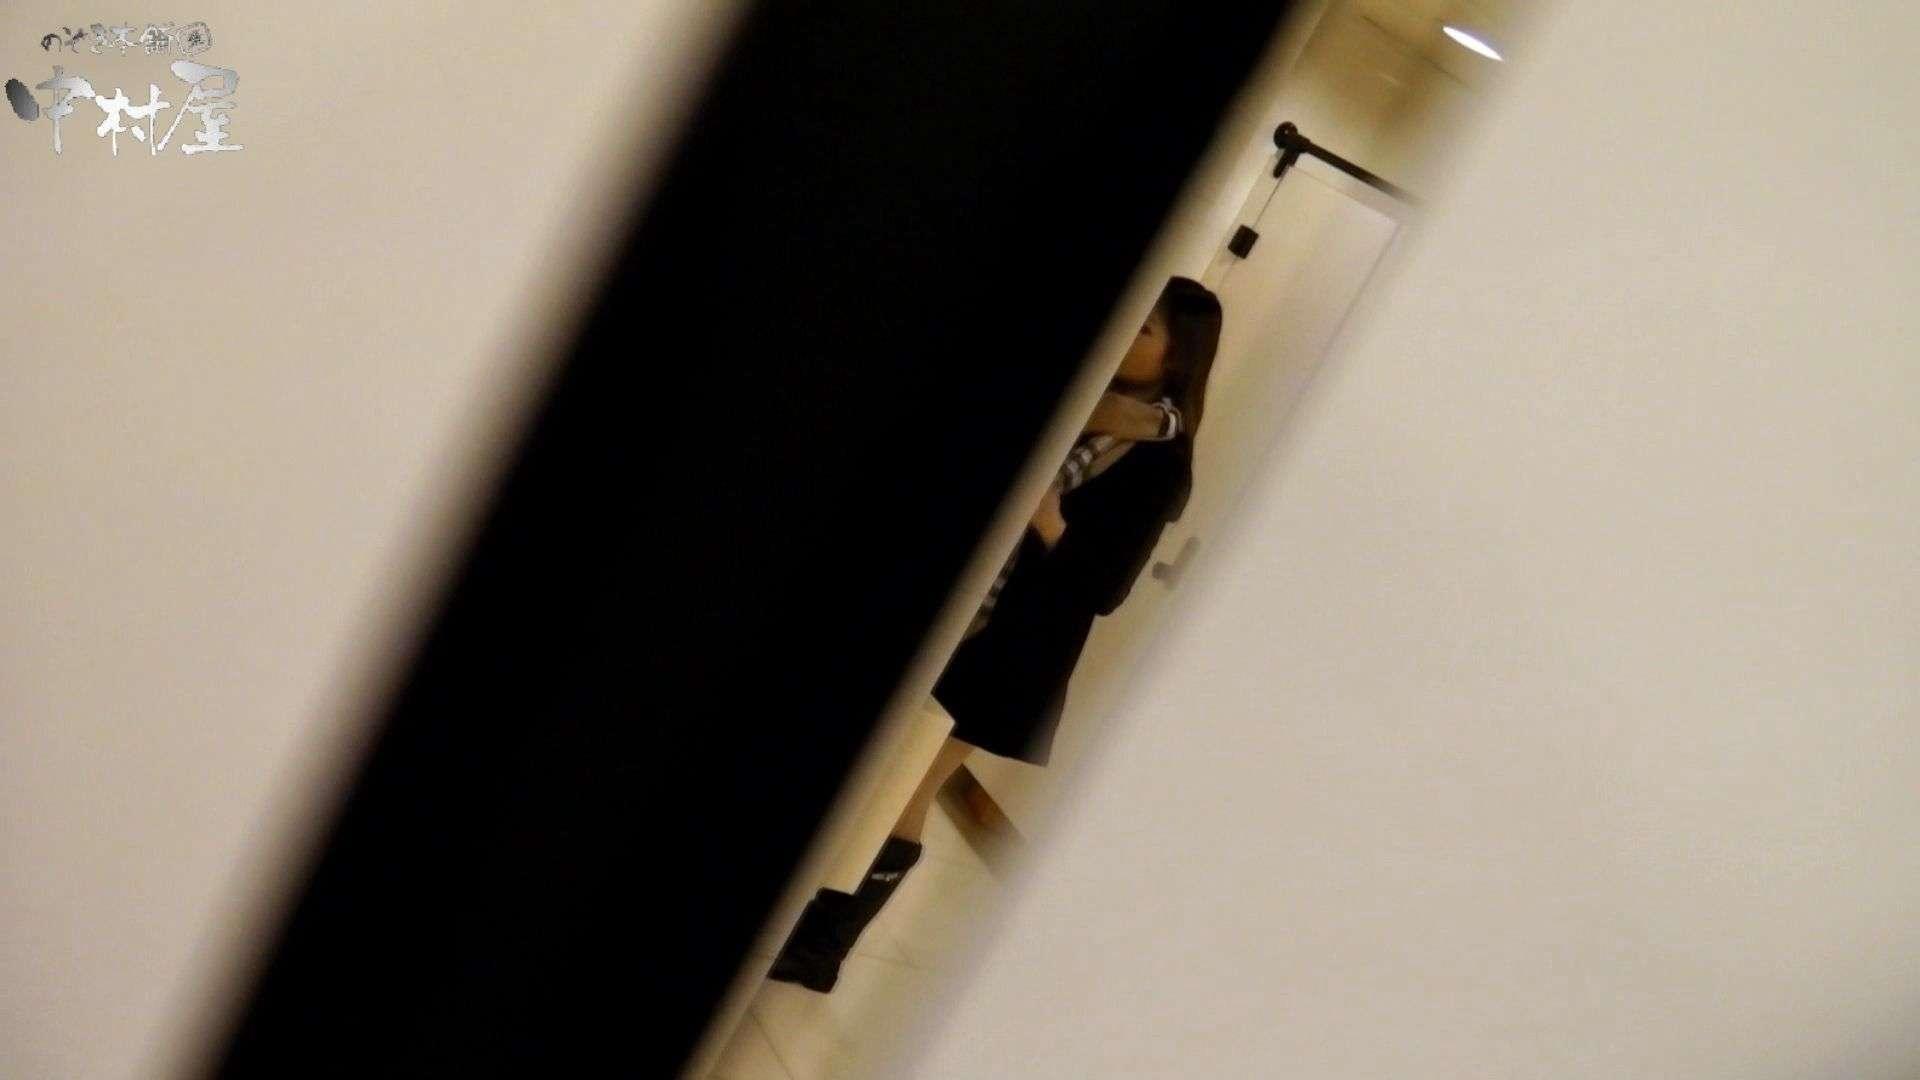 新世界の射窓 No72 モデル級なら個室から飛び出て追っかけます 洗面所  41連発 16